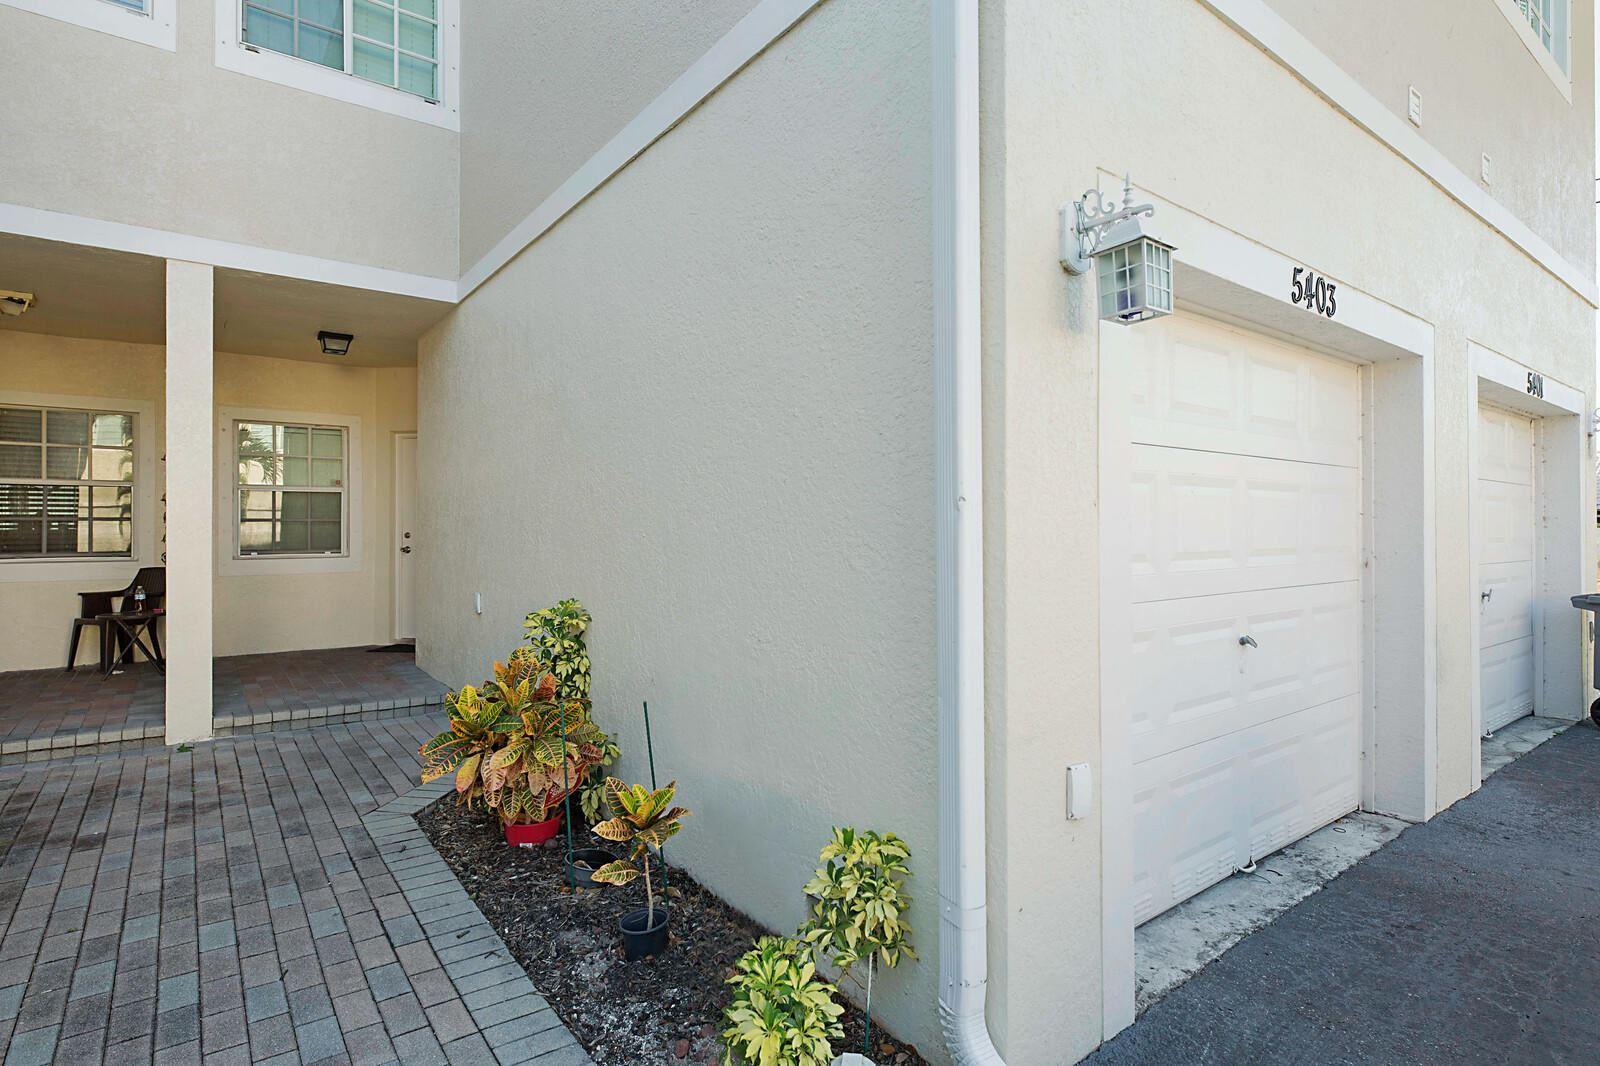 5403 Via Delray, Delray Beach, FL 33484 - #: RX-10707031